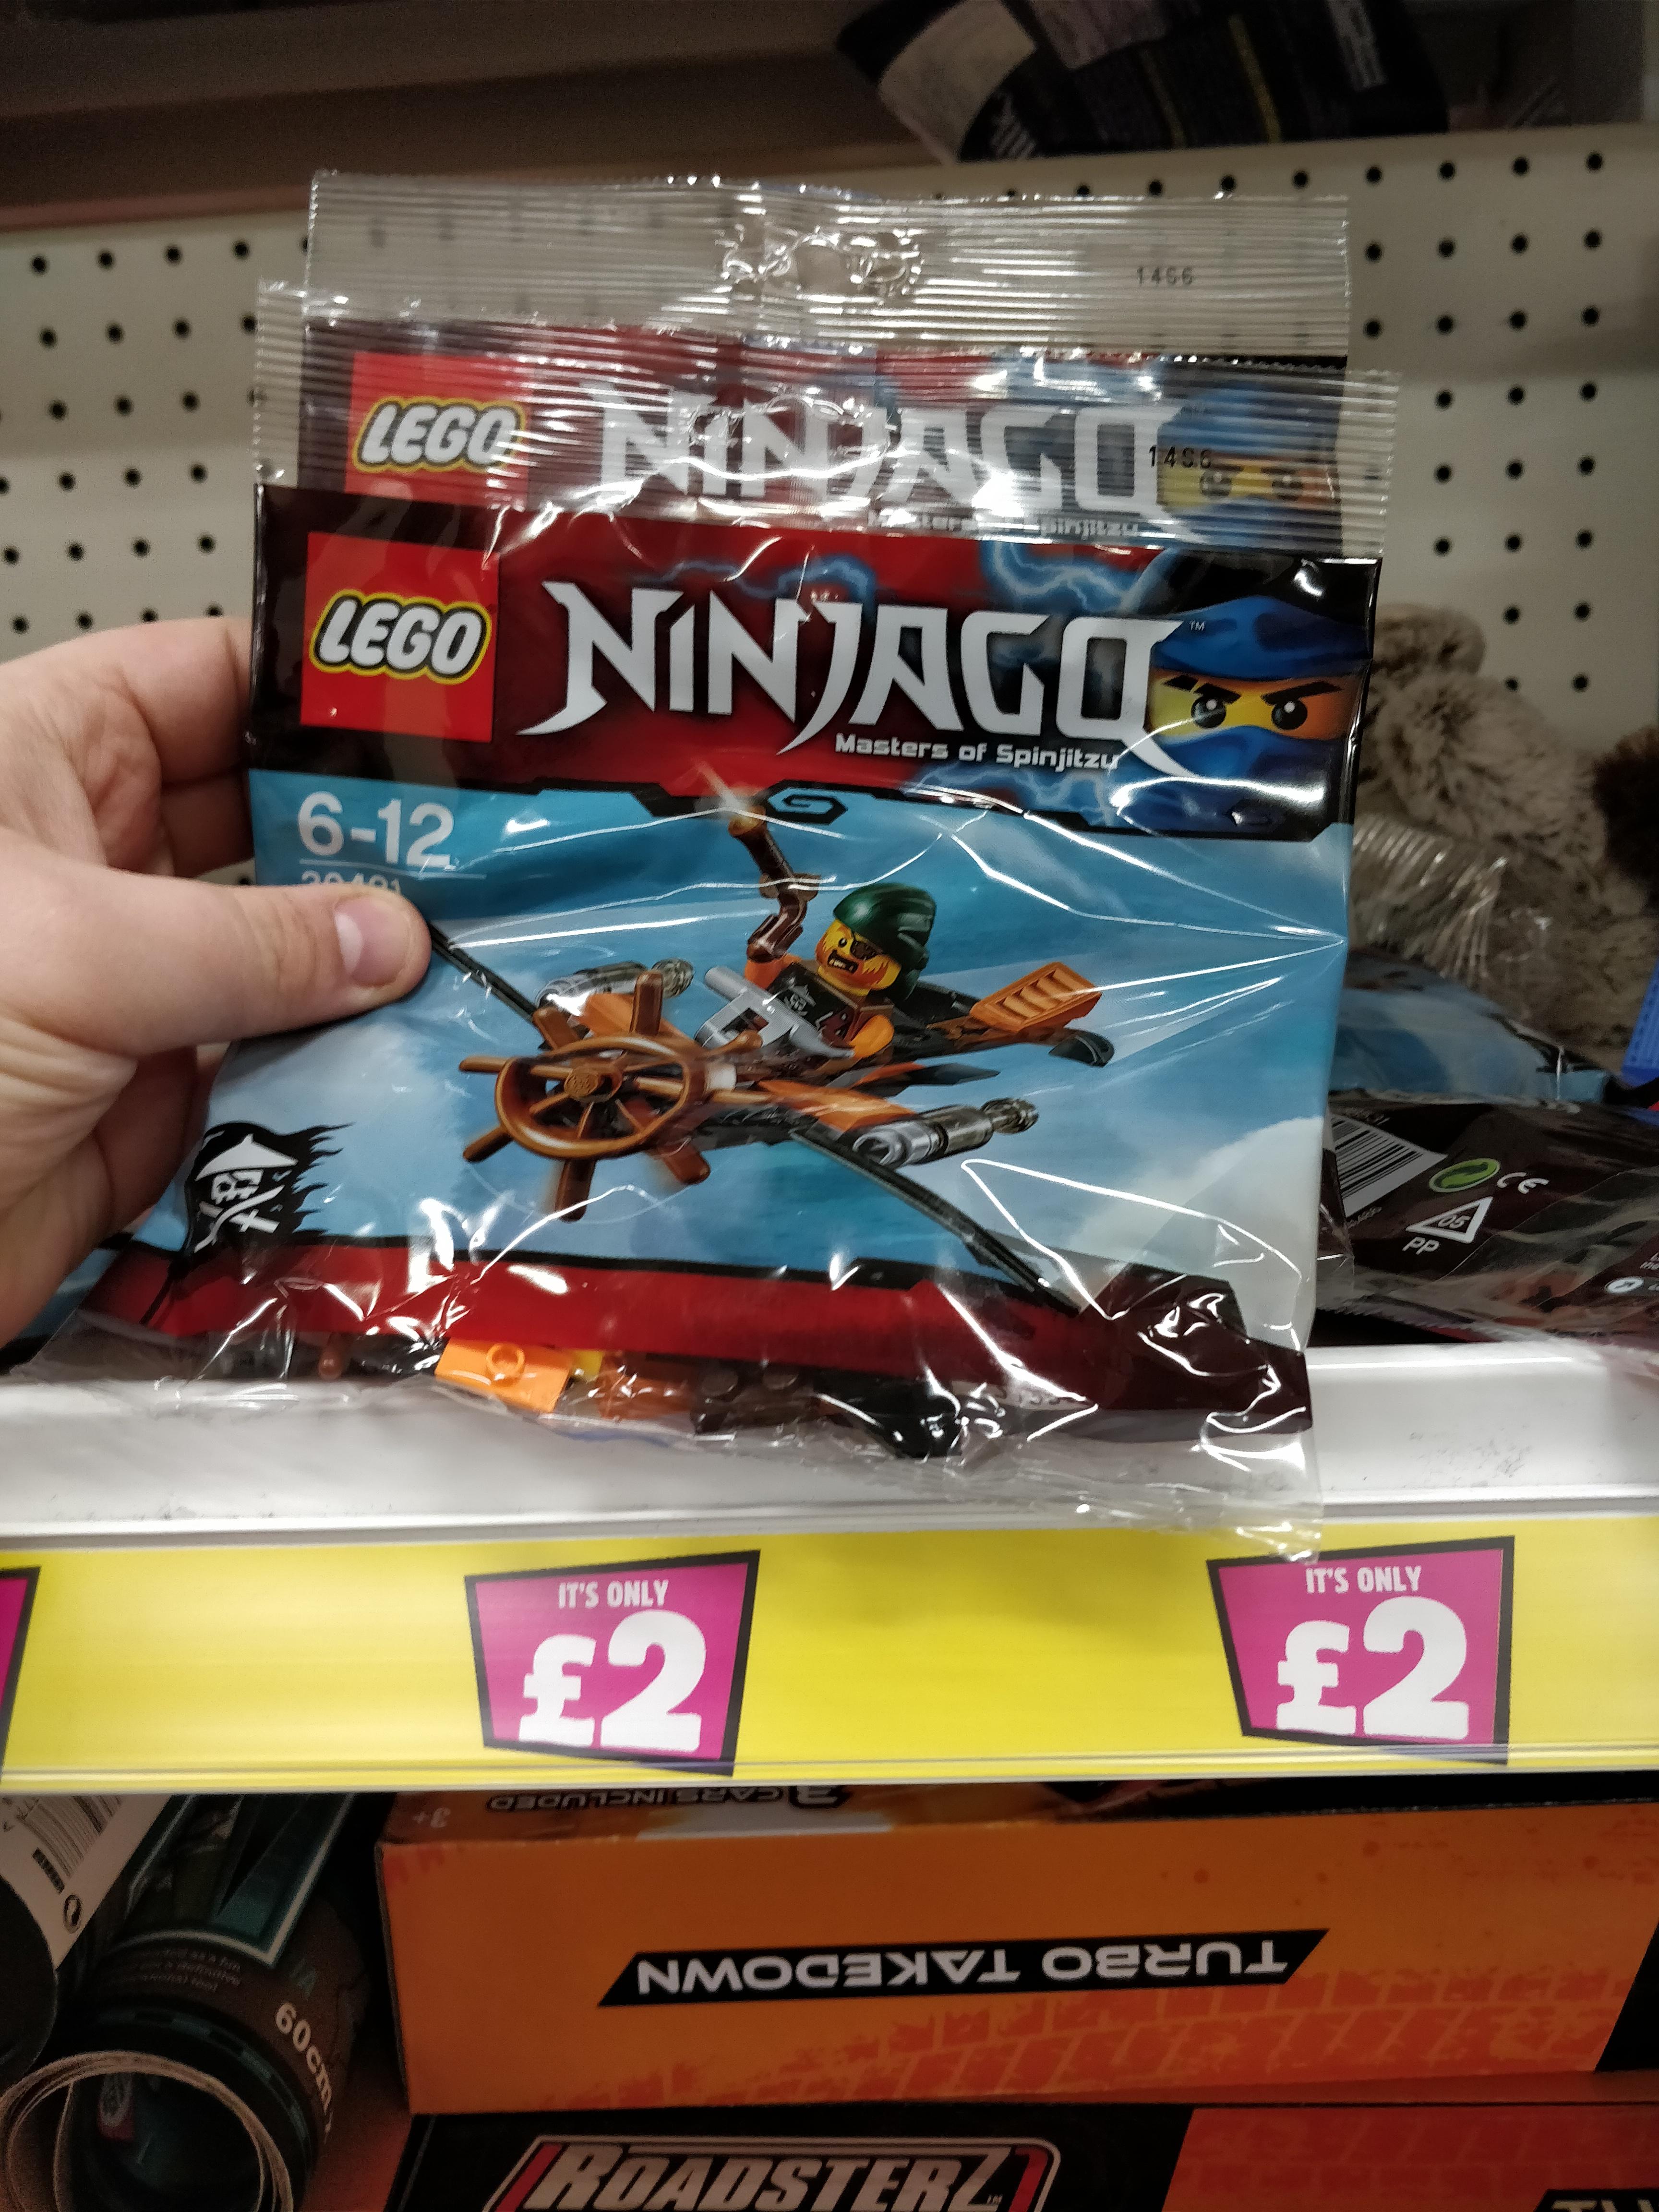 Lego Ninjago Skybound Plane PolyBag 30421 £2- Poundland Belfast